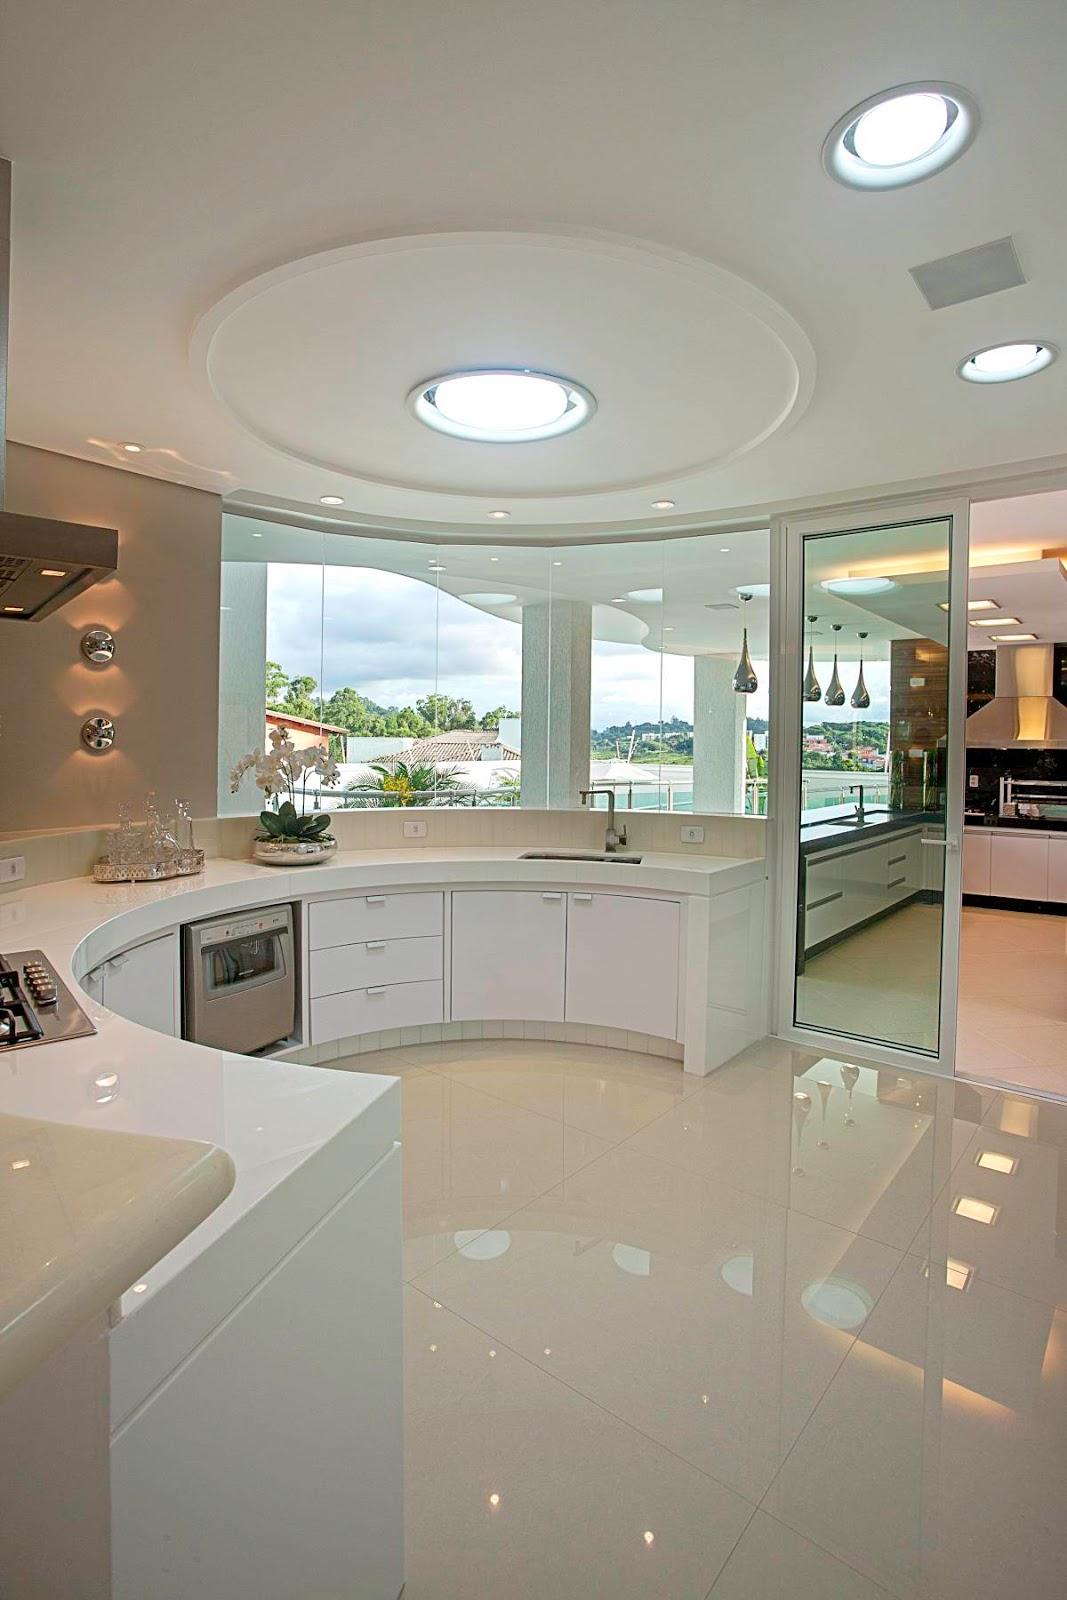 #614933 Construindo Minha Casa Clean: 45 Cozinhas Americanas com Ilha em Curva  1067x1600 px Projete Minha Própria Cozinha_914 Imagens